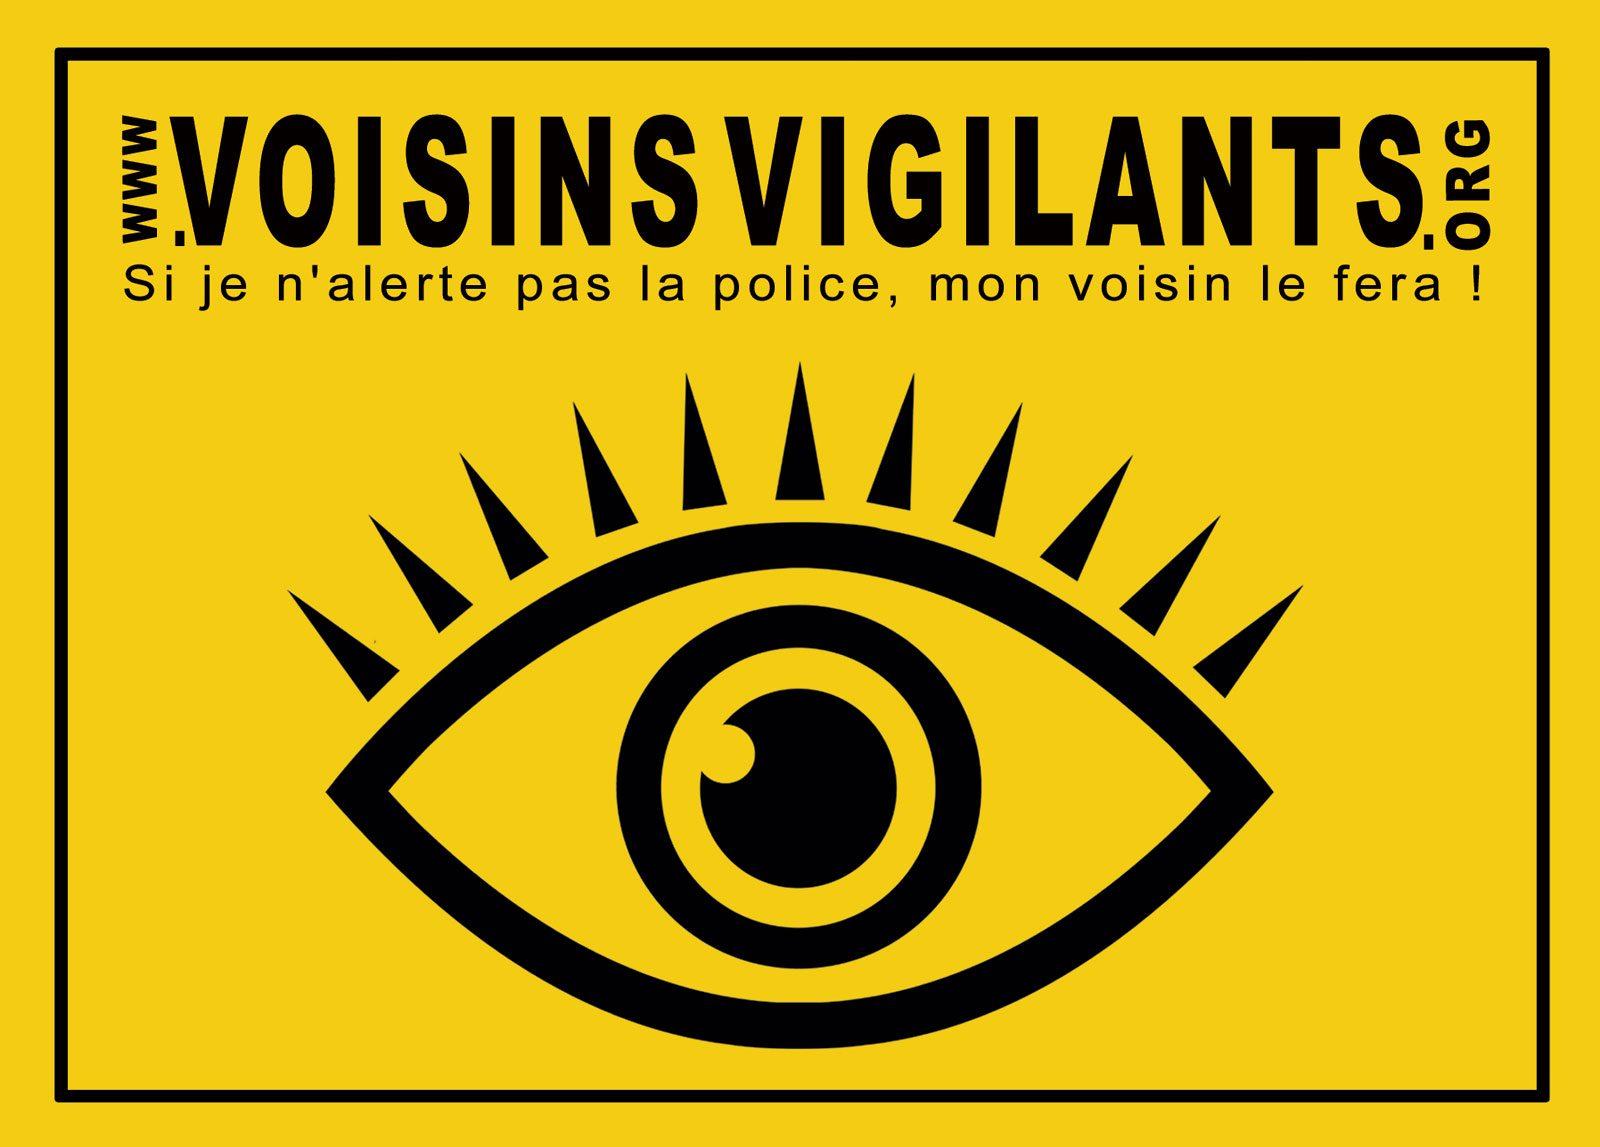 Série de cambriolages dans le Pays Messin : appel à la vigilance